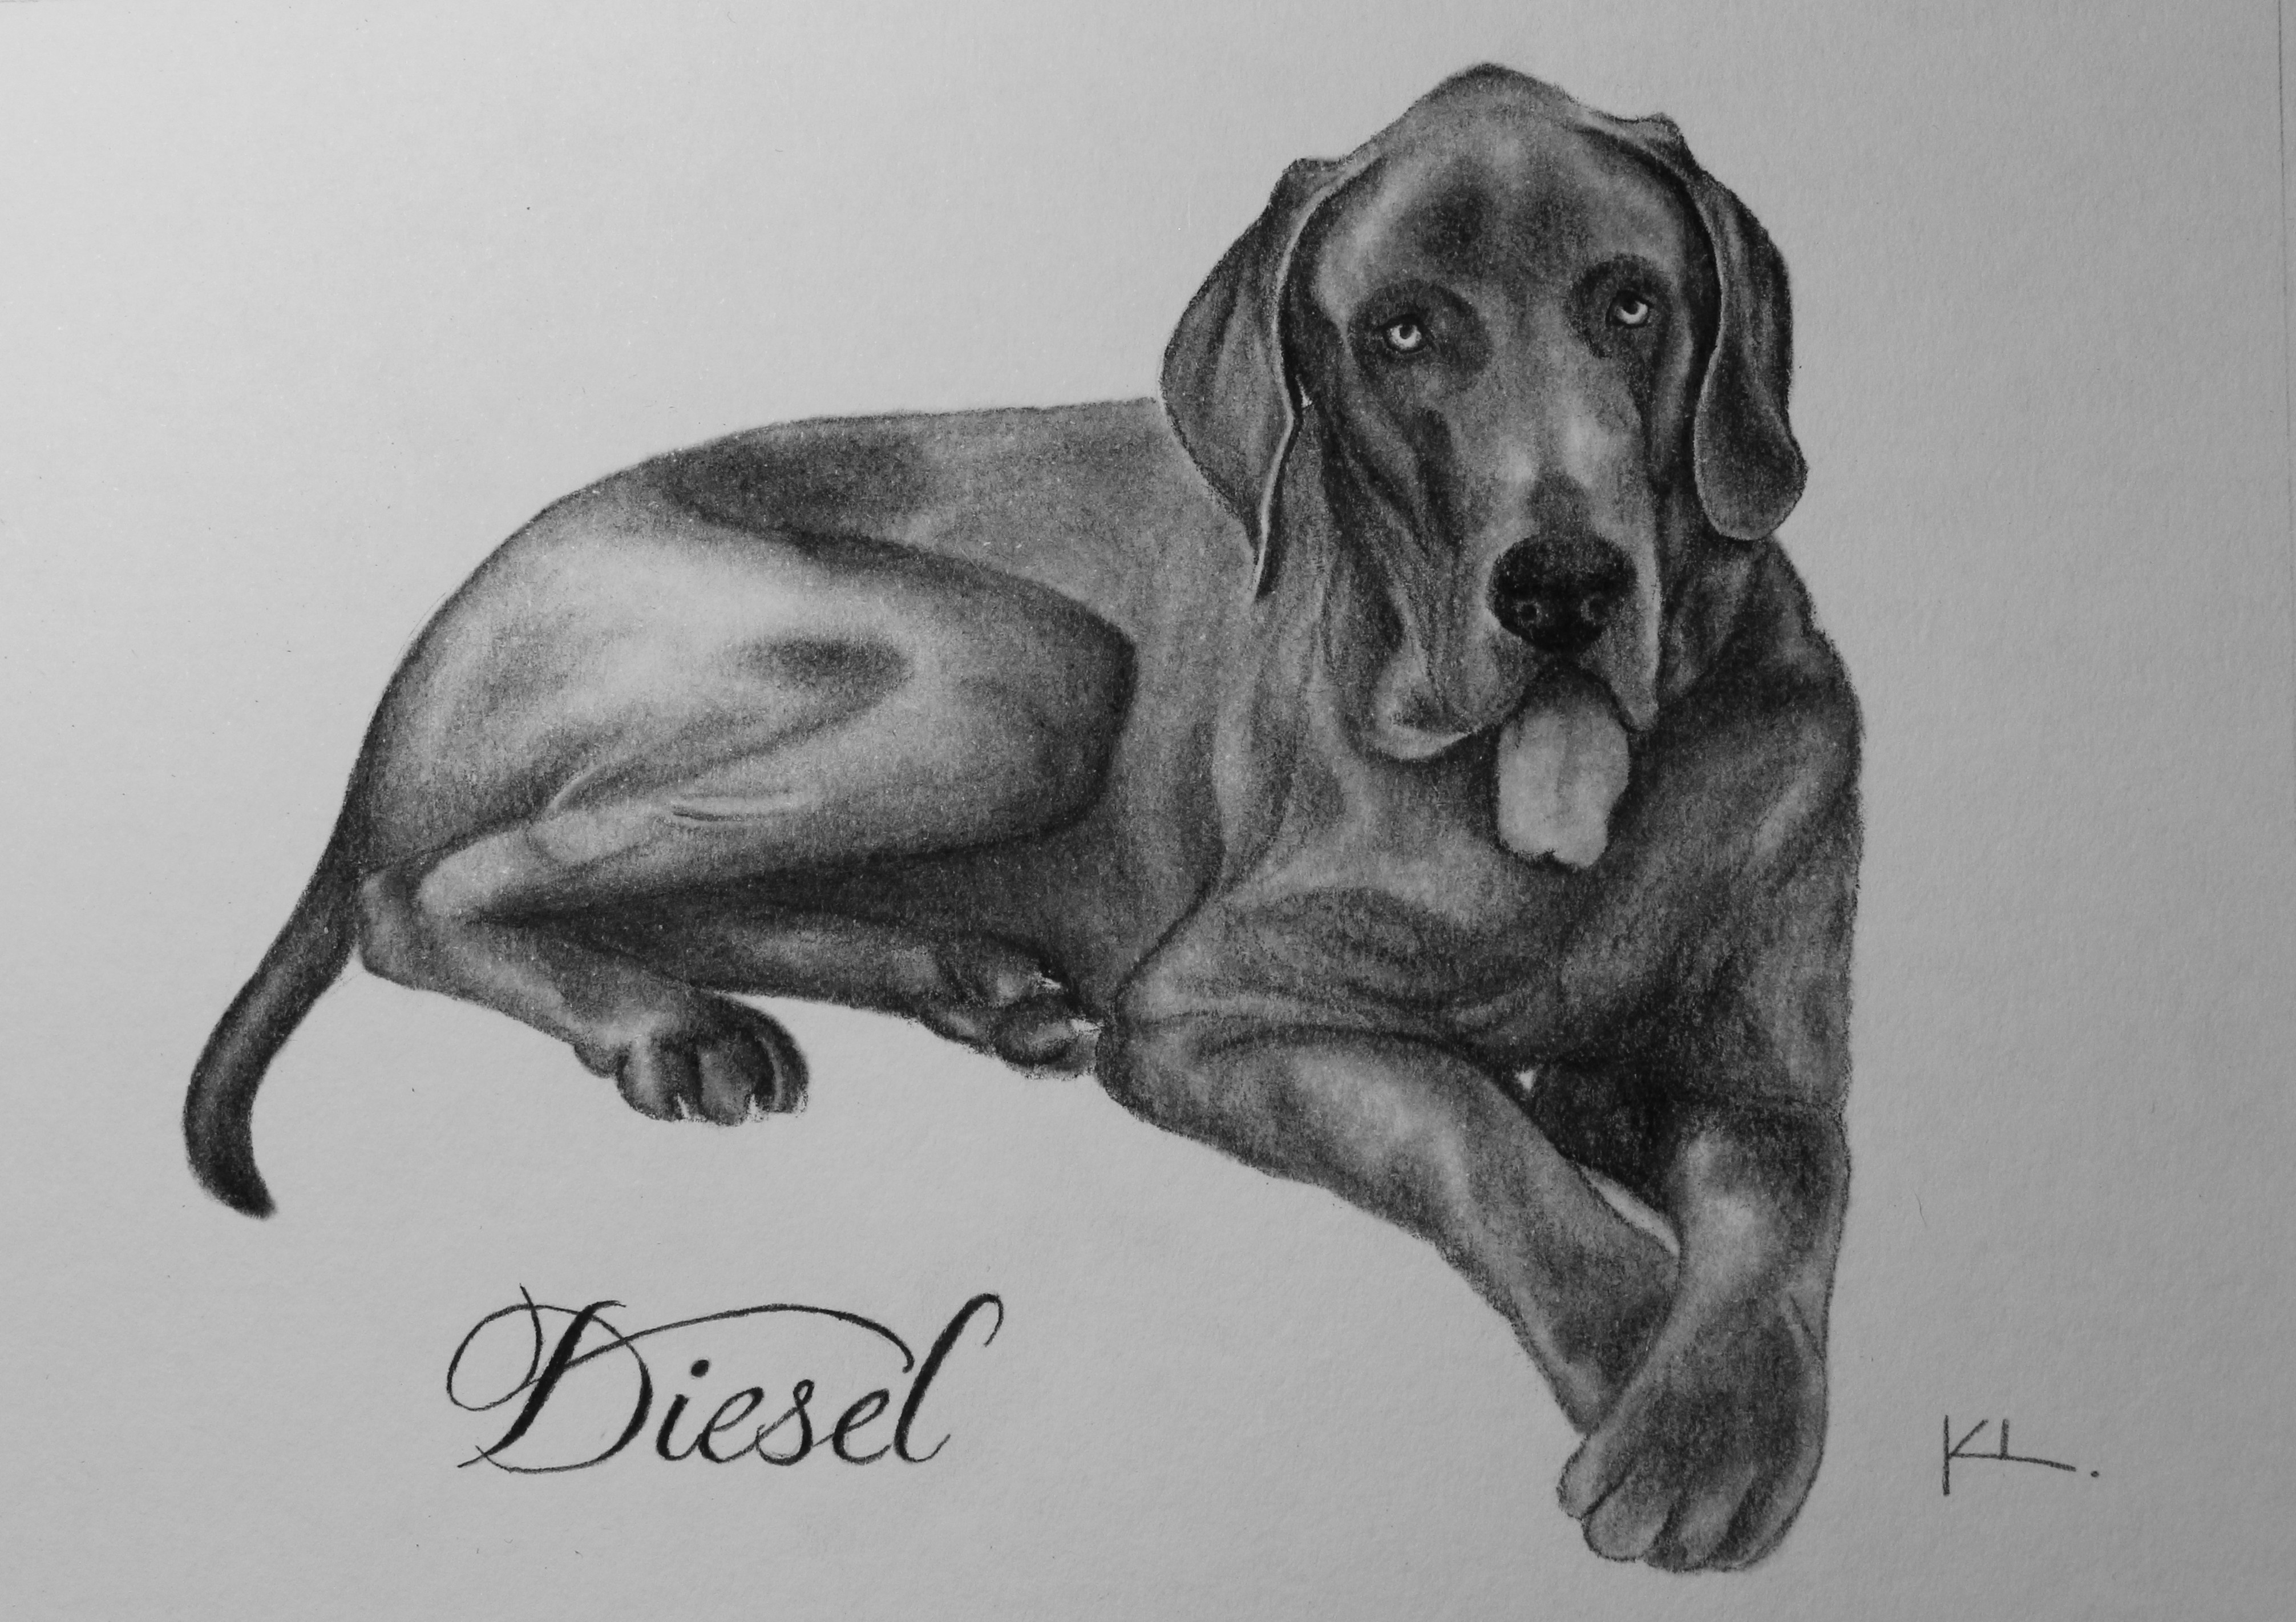 'Diesel'